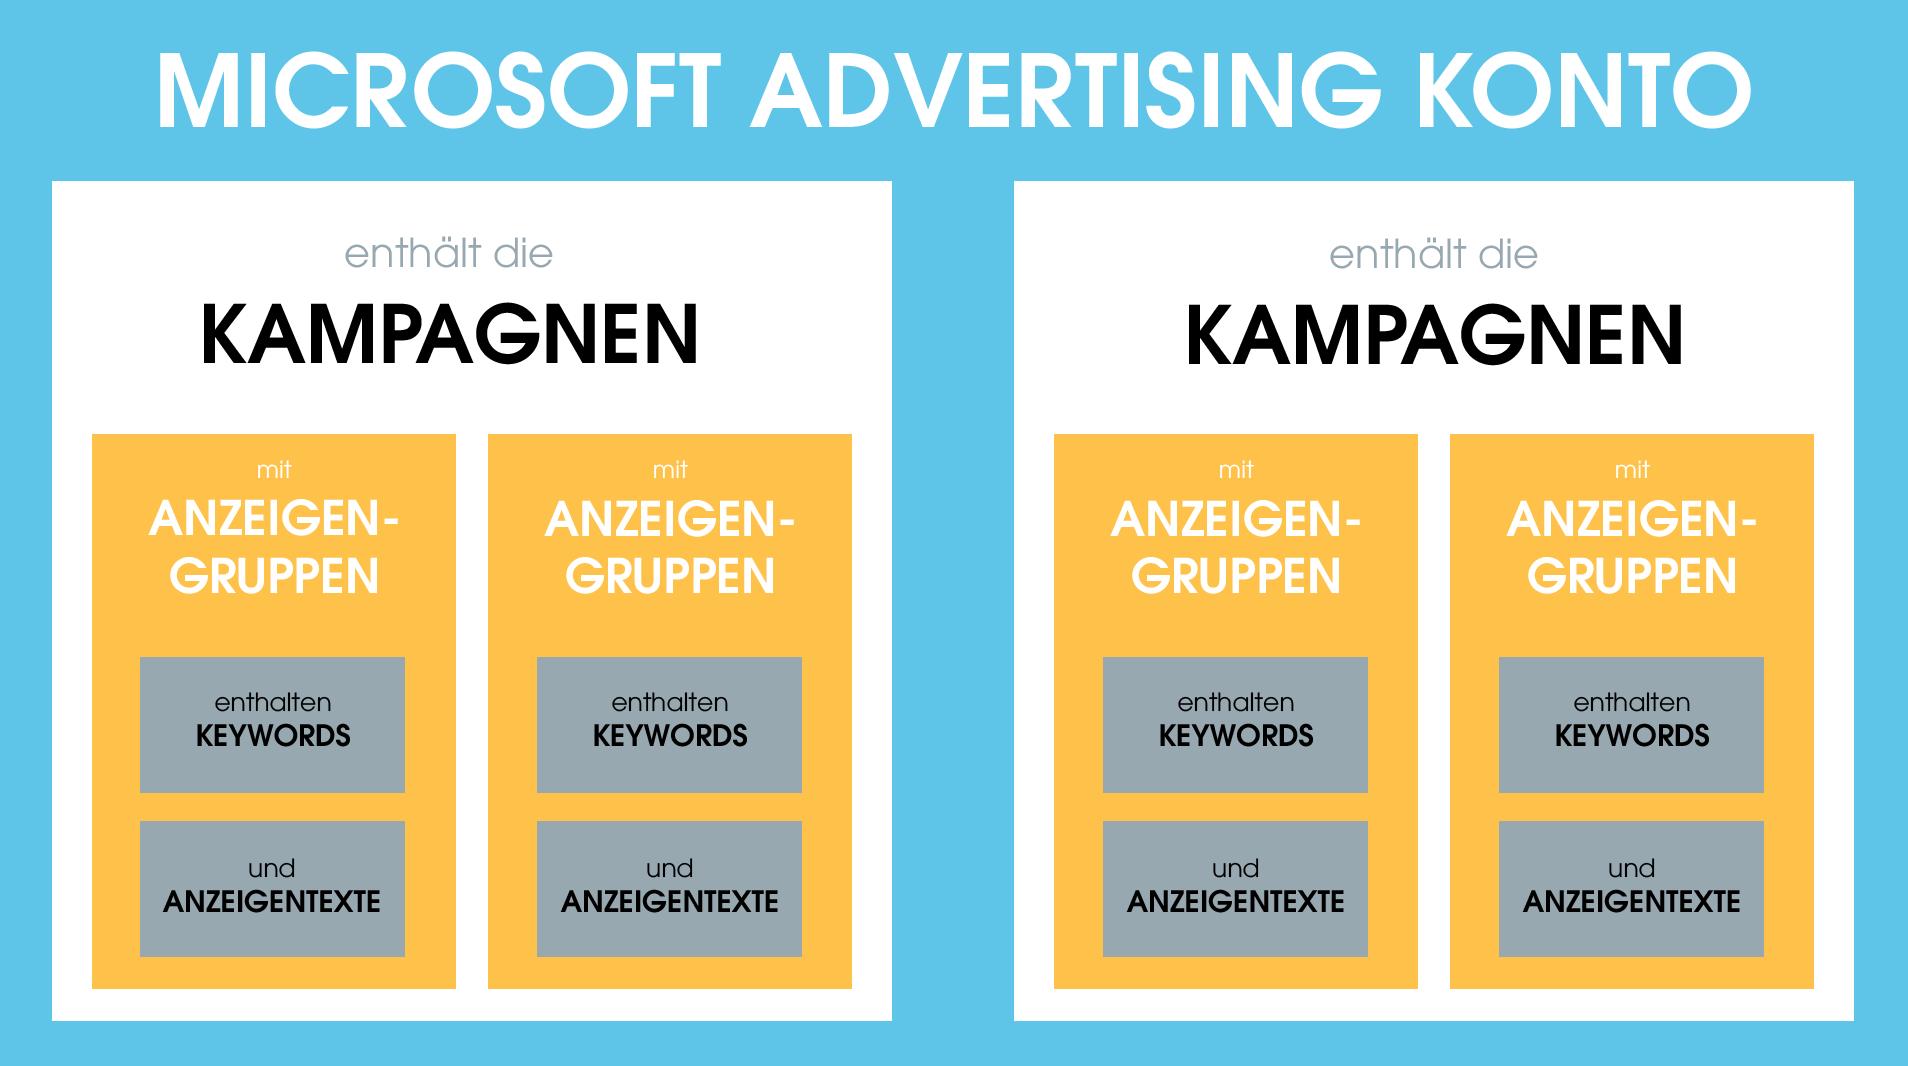 Aufbau des Microsoft Advertising-Kontos: Das Konto beinhaltet Kampagnen, welche die übergreifende Ebene für alle Anzeigengruppen sind. In den Anzeigengruppen sind dann wiederum wichtige Keywords und die passenden Anzeigentexte enthalten.